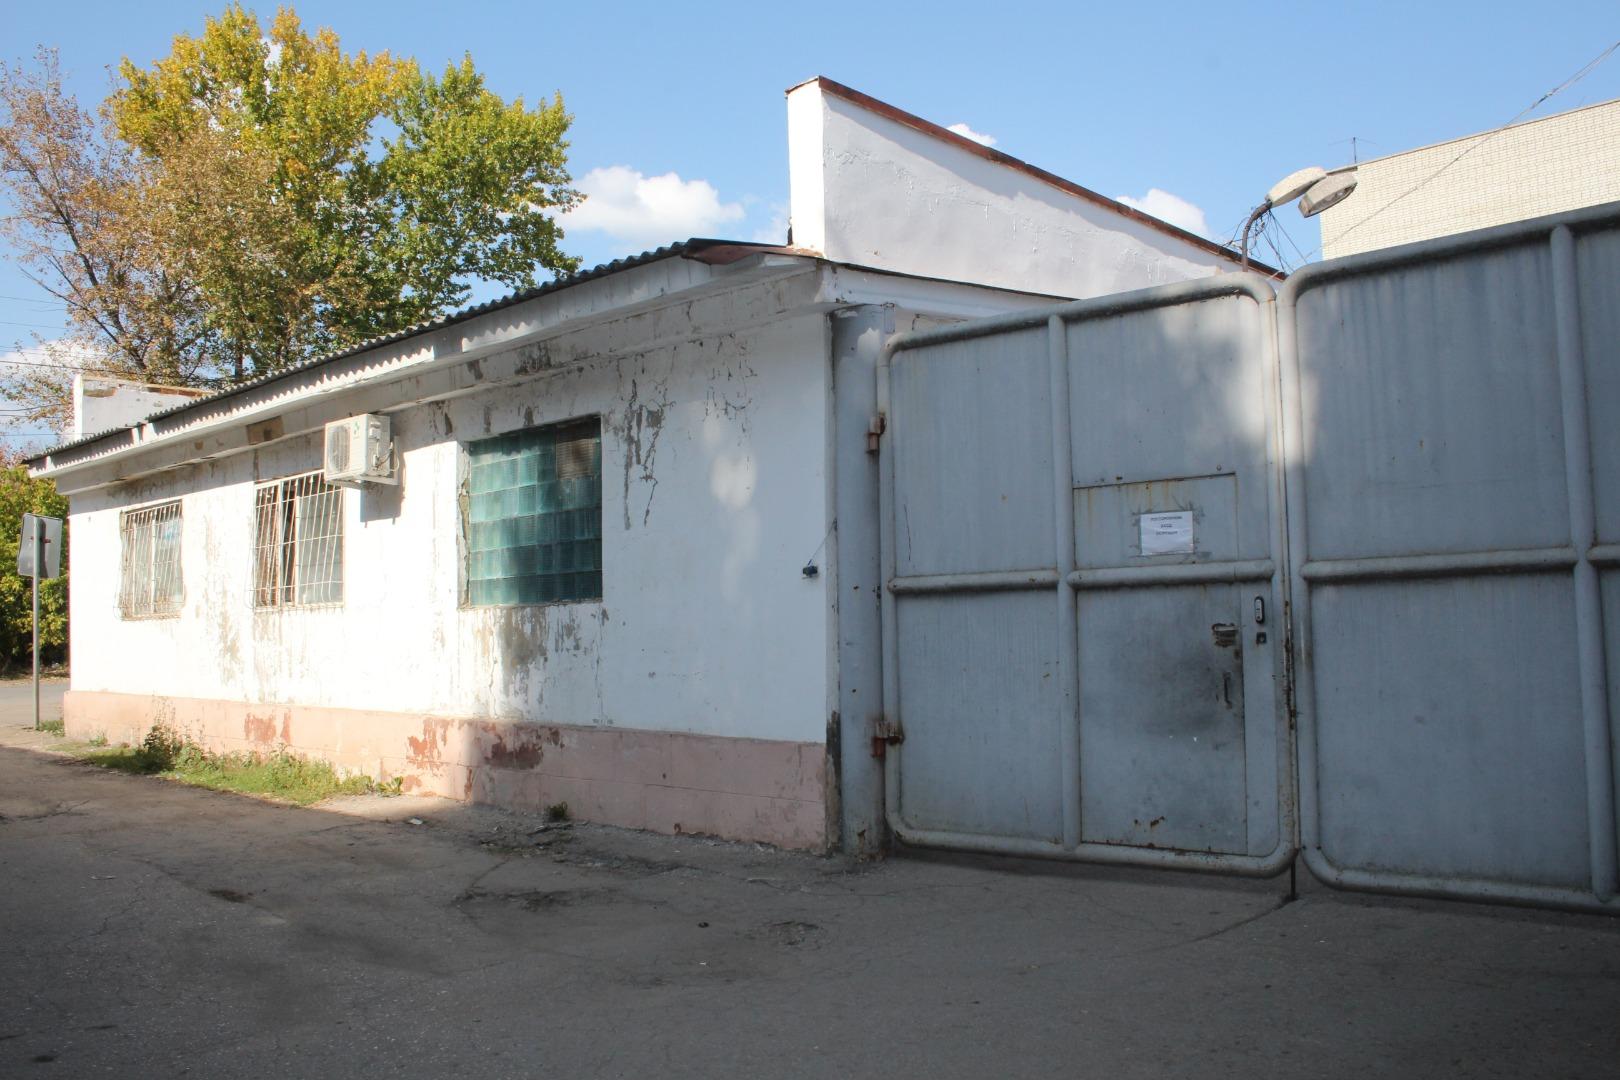 Саратов, ул.линия Новая 9-я, 1-этаж 1-этажного здания